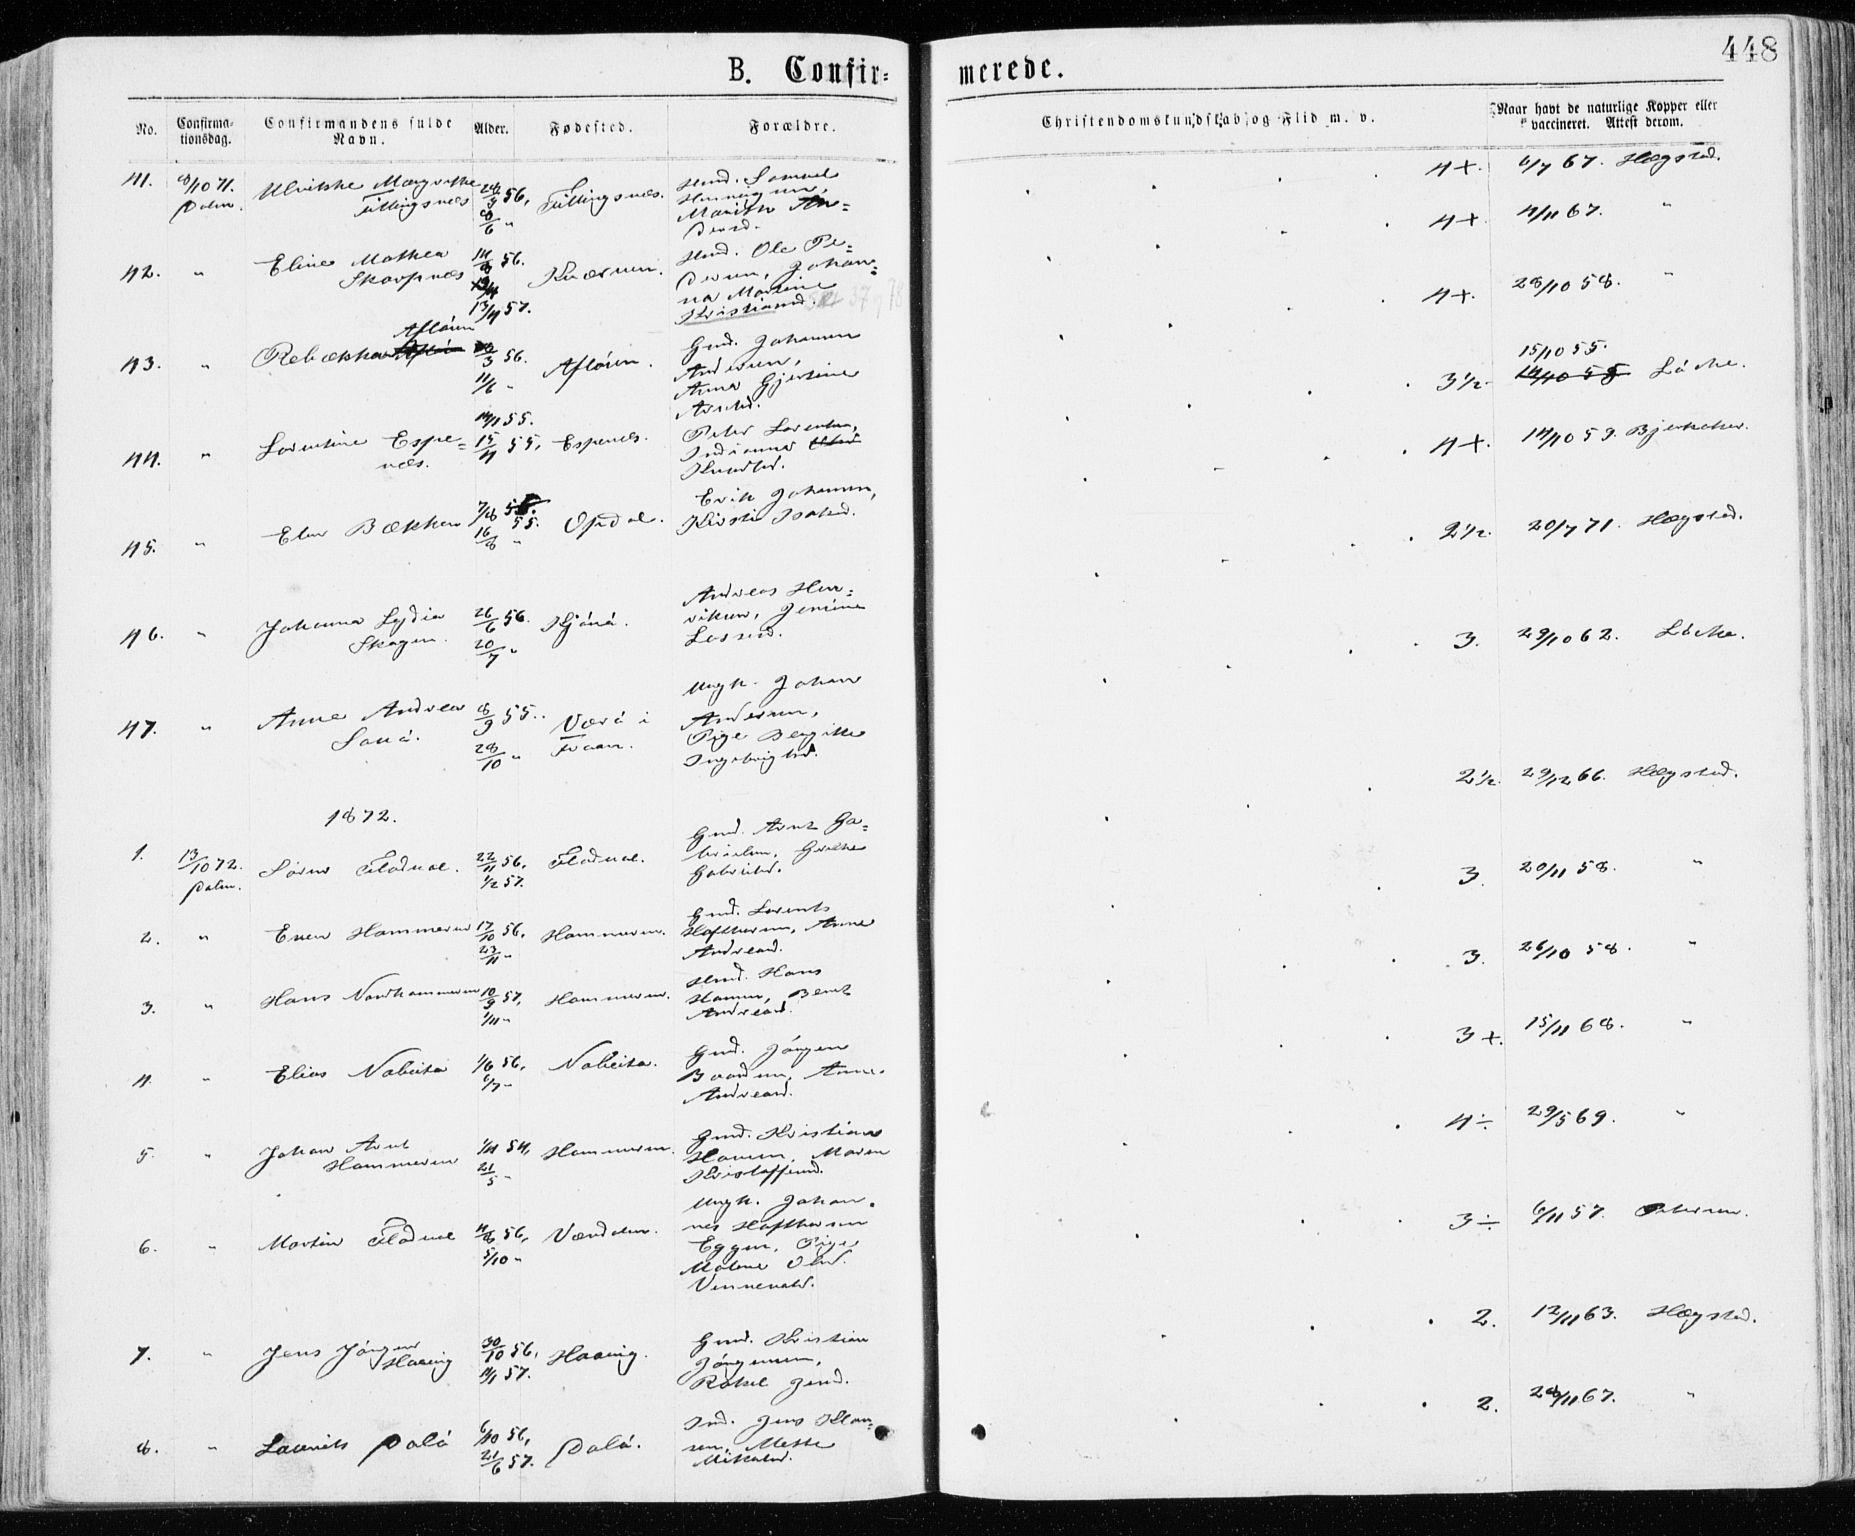 SAT, Ministerialprotokoller, klokkerbøker og fødselsregistre - Sør-Trøndelag, 640/L0576: Ministerialbok nr. 640A01, 1846-1876, s. 448